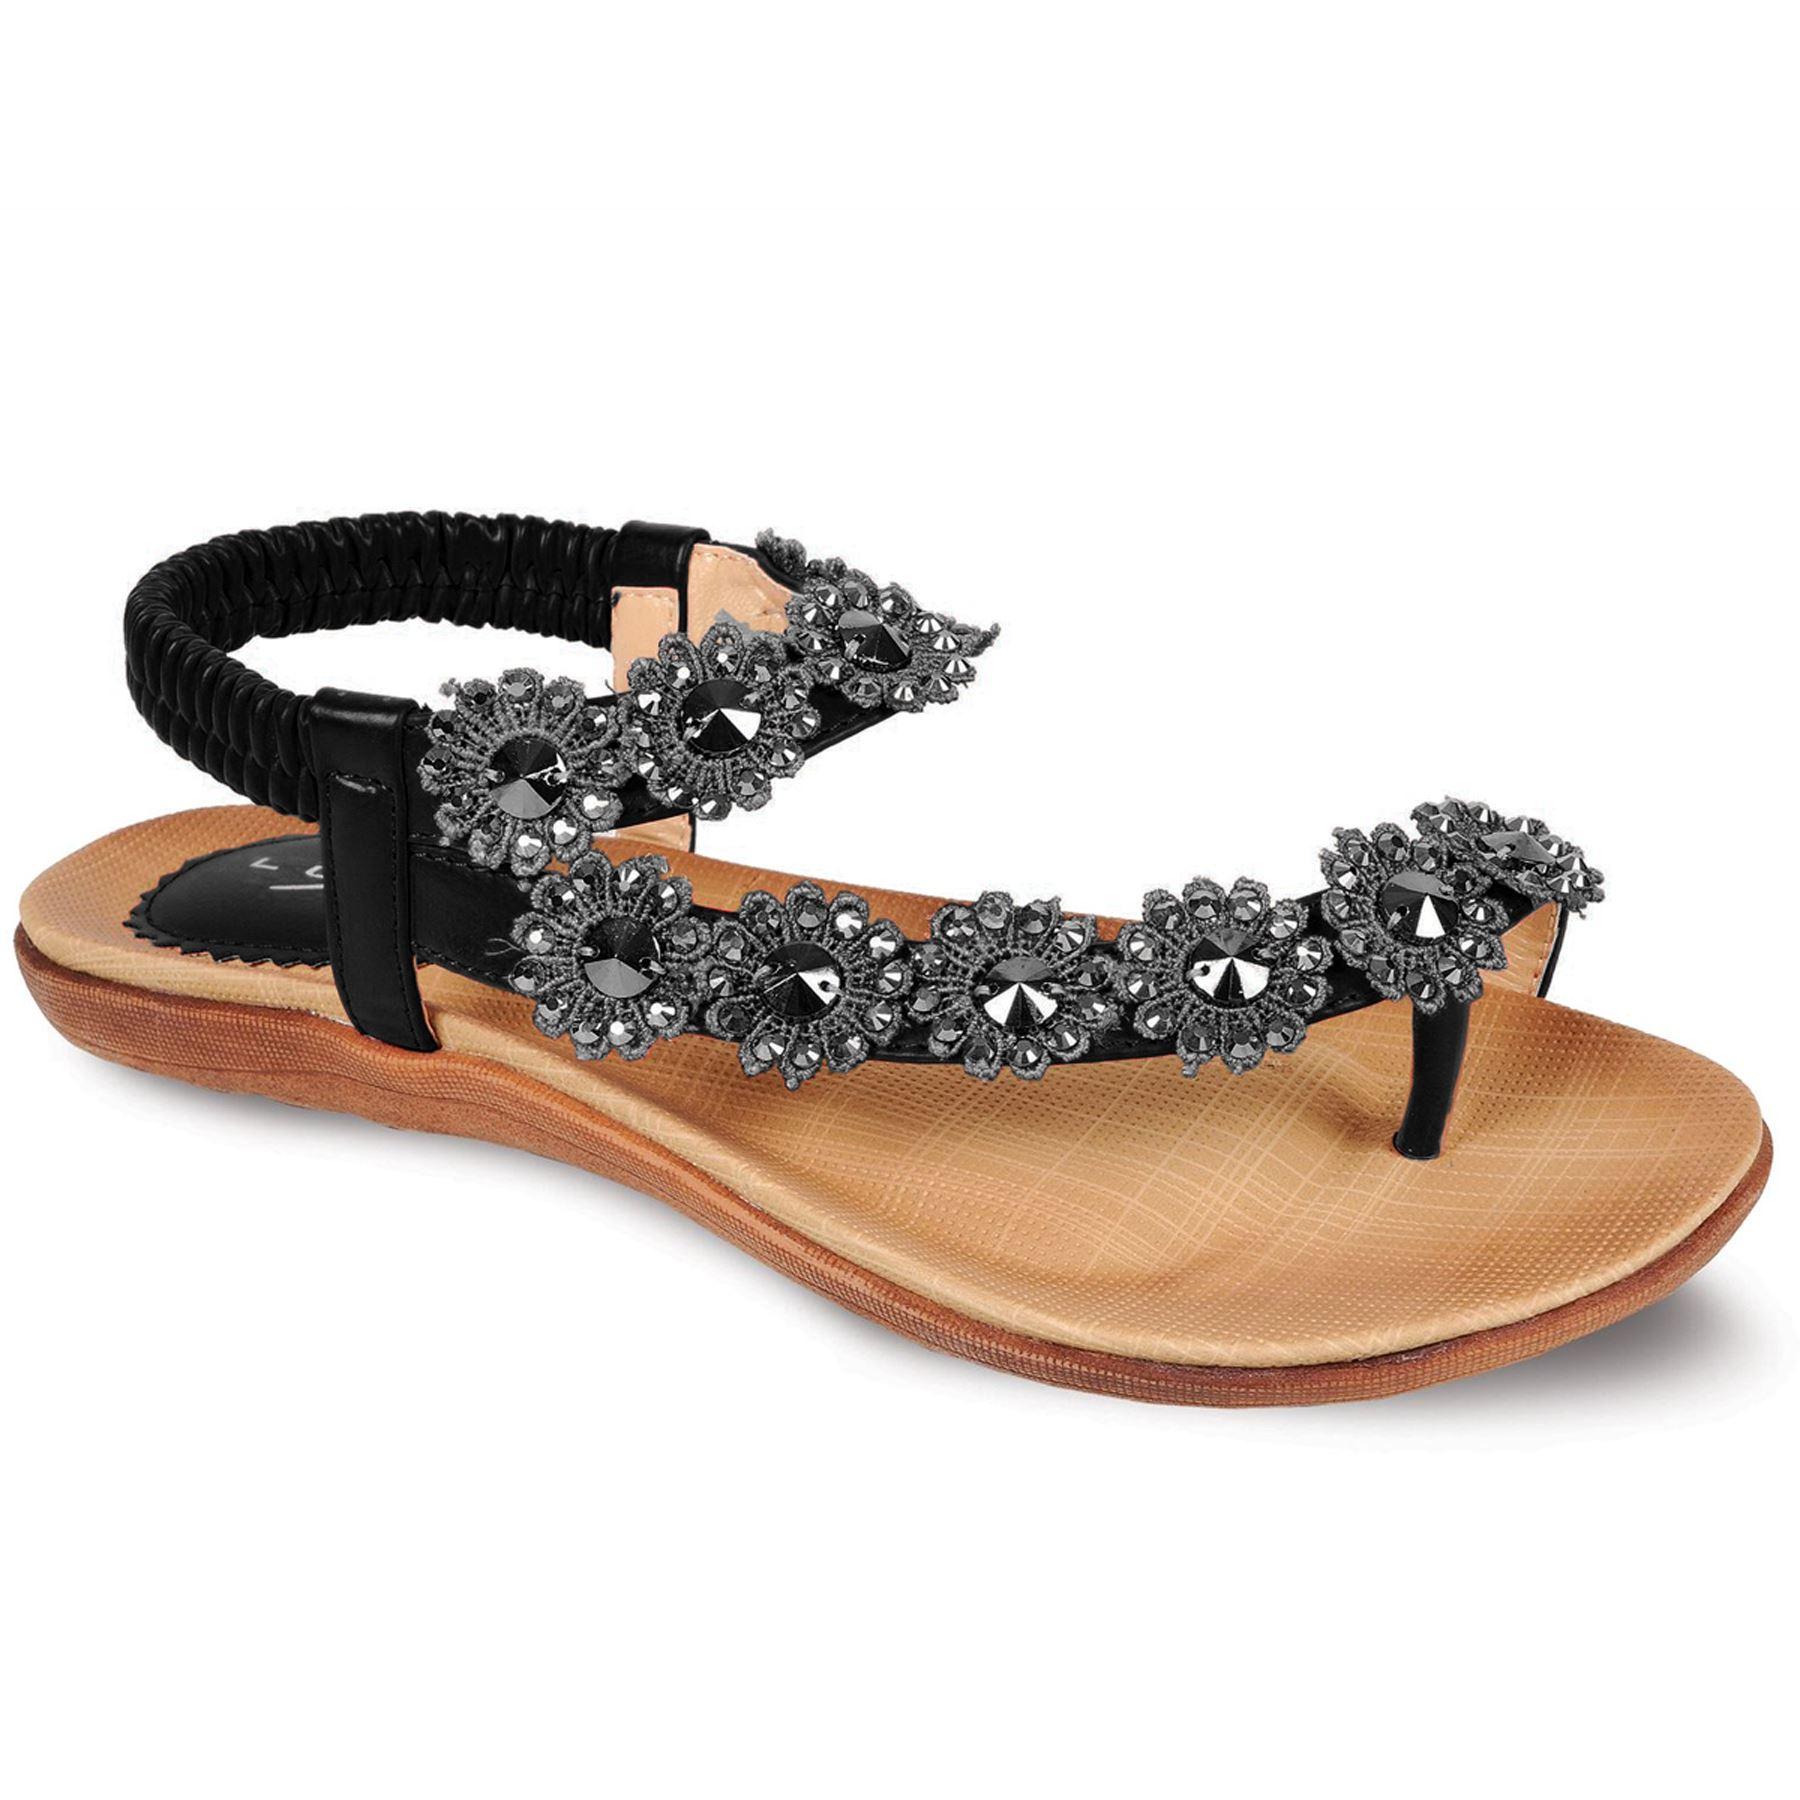 Fantasia Boutique Damen Diamant Blumen Sandalen Damen Bequem Freizeit Sommer Festgeschnallt Schuhe - Schwarz, 38